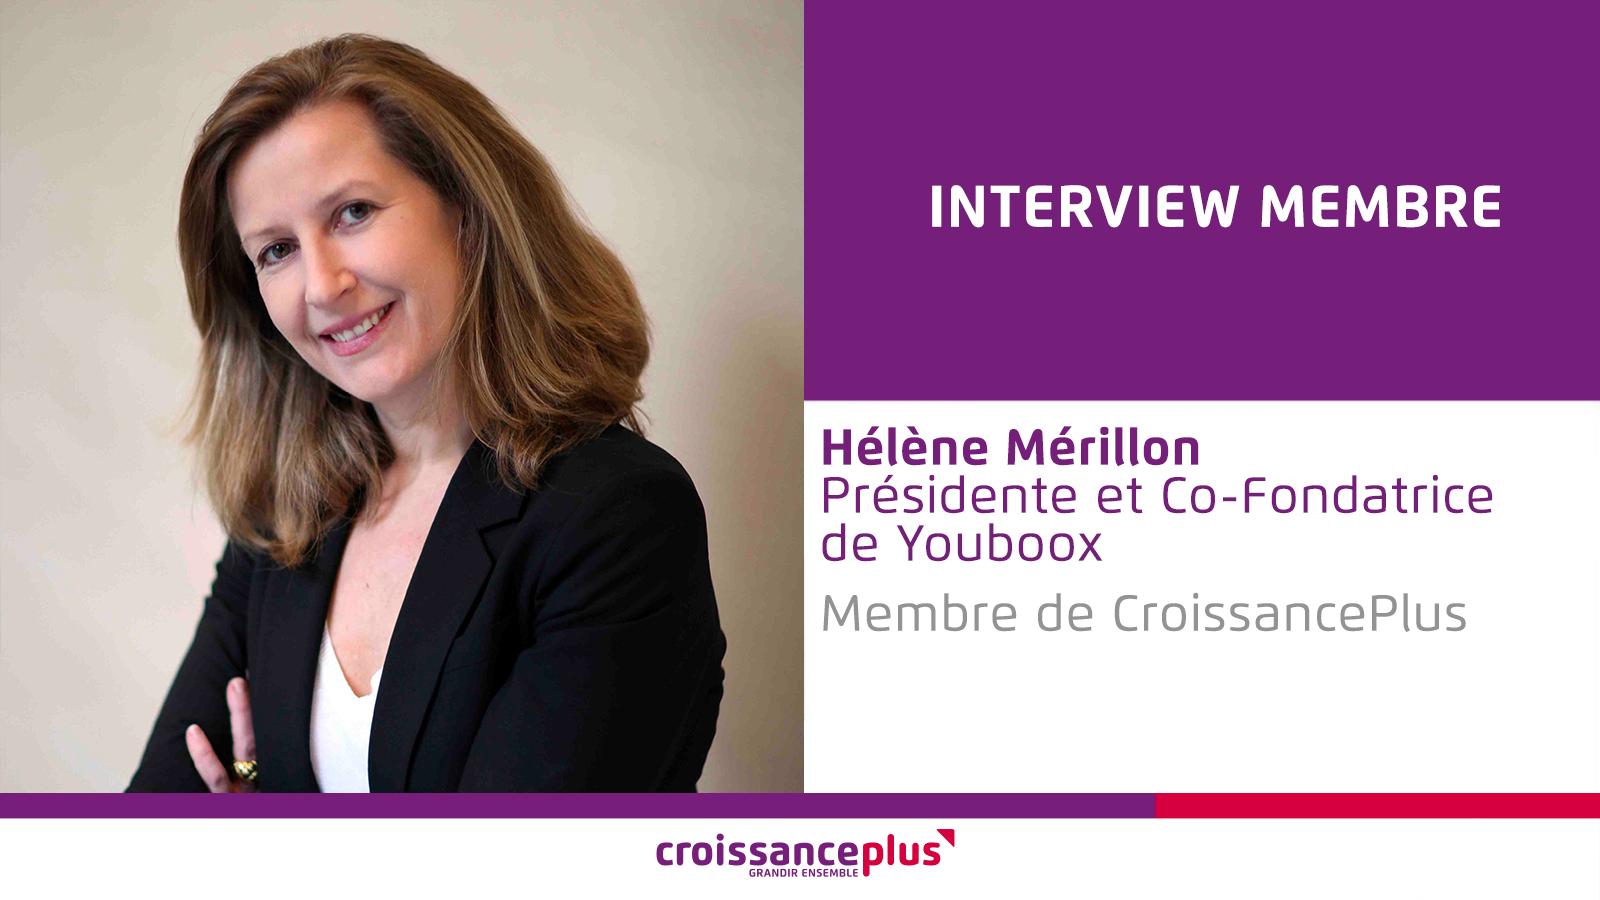 Découvrez Hélène Mérillon, Présidente de Youboox